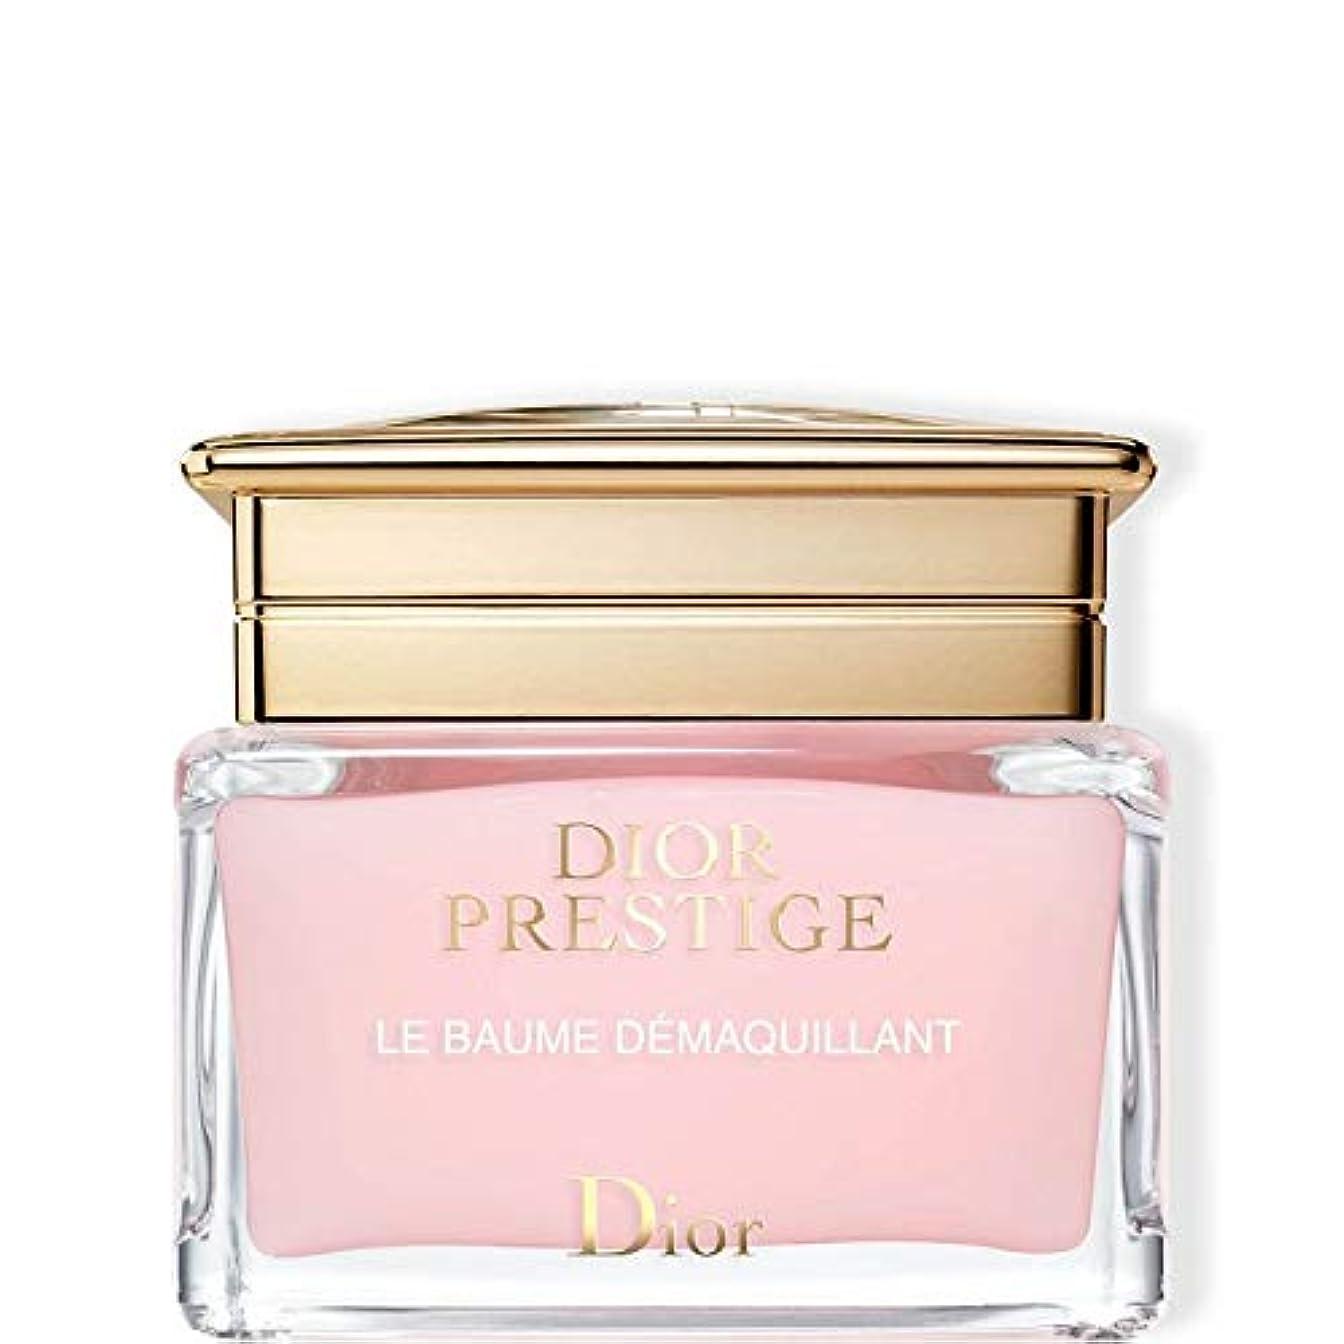 株式比喩図書館Dior(ディオール) プレステージ ル バーム デマキャント 150mL